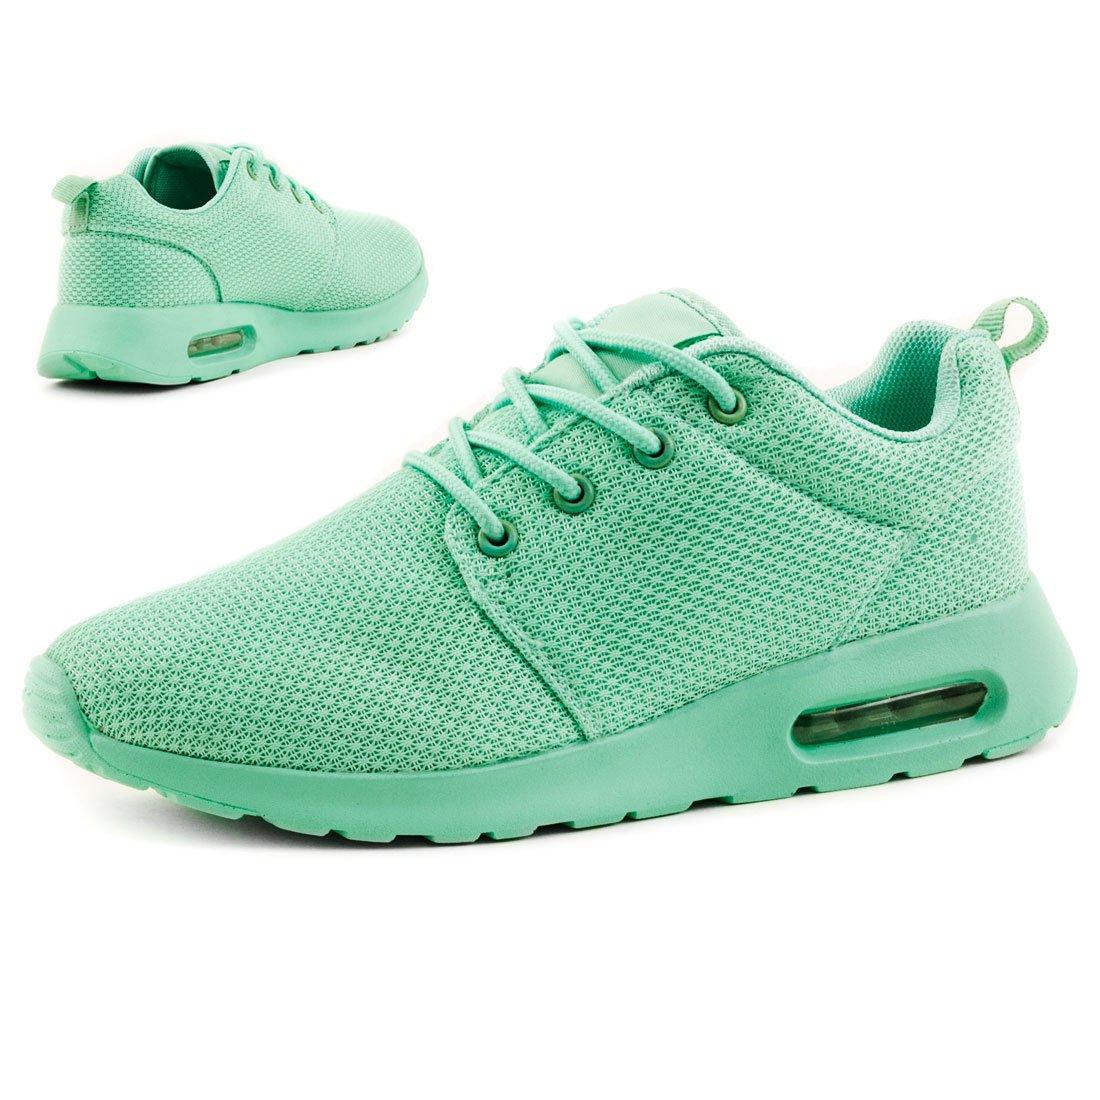 Marimo - Zapatillas Mujer , color Verde, talla 41 UE: Amazon.es: Zapatos y complementos